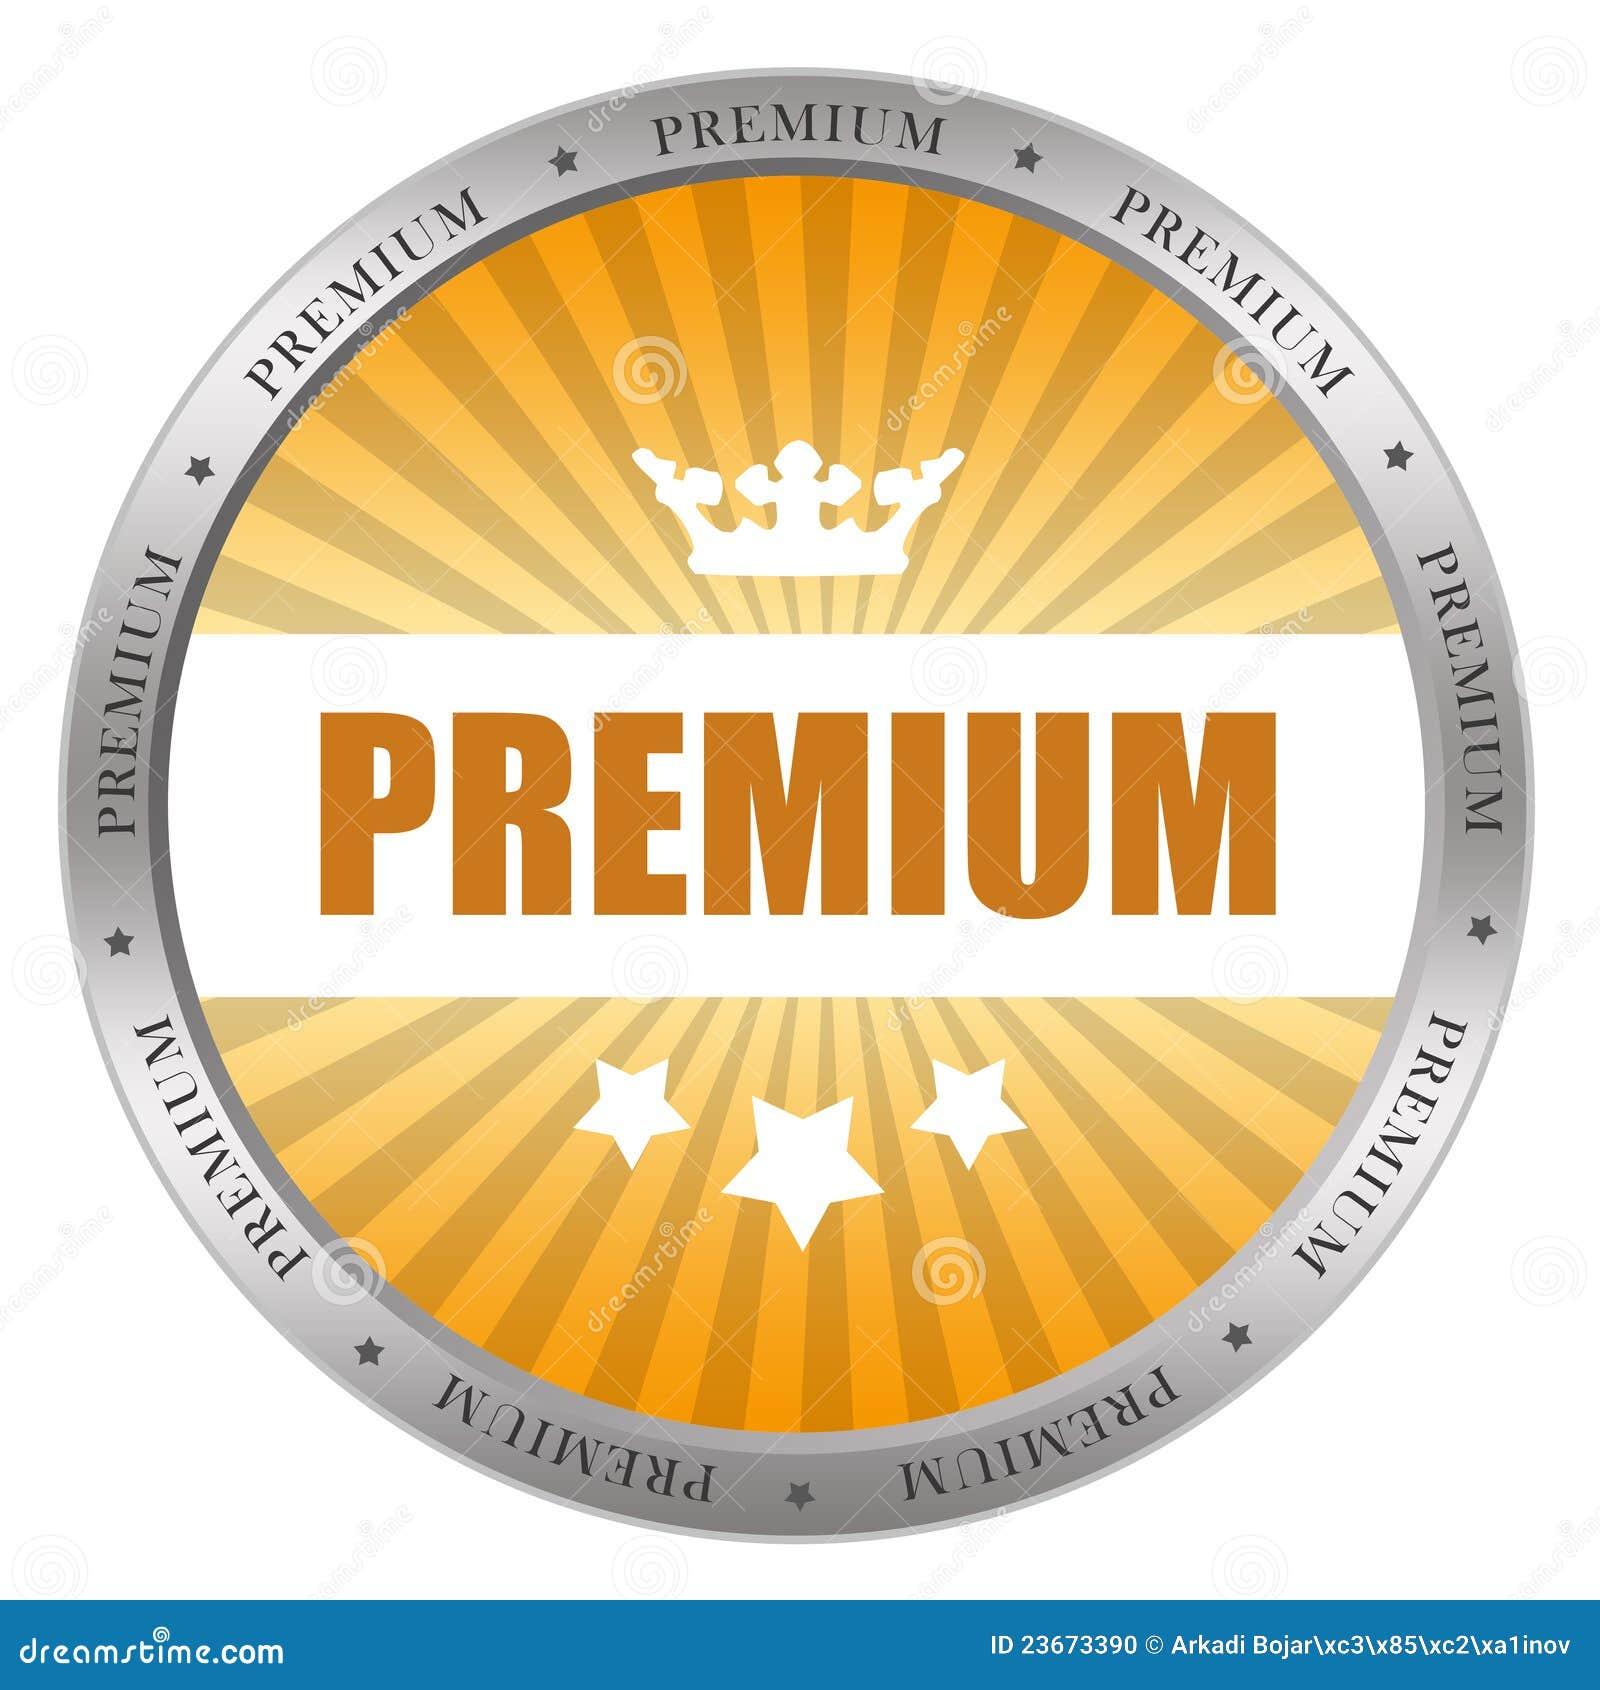 Premium Icon Stock Photo Image 23673390